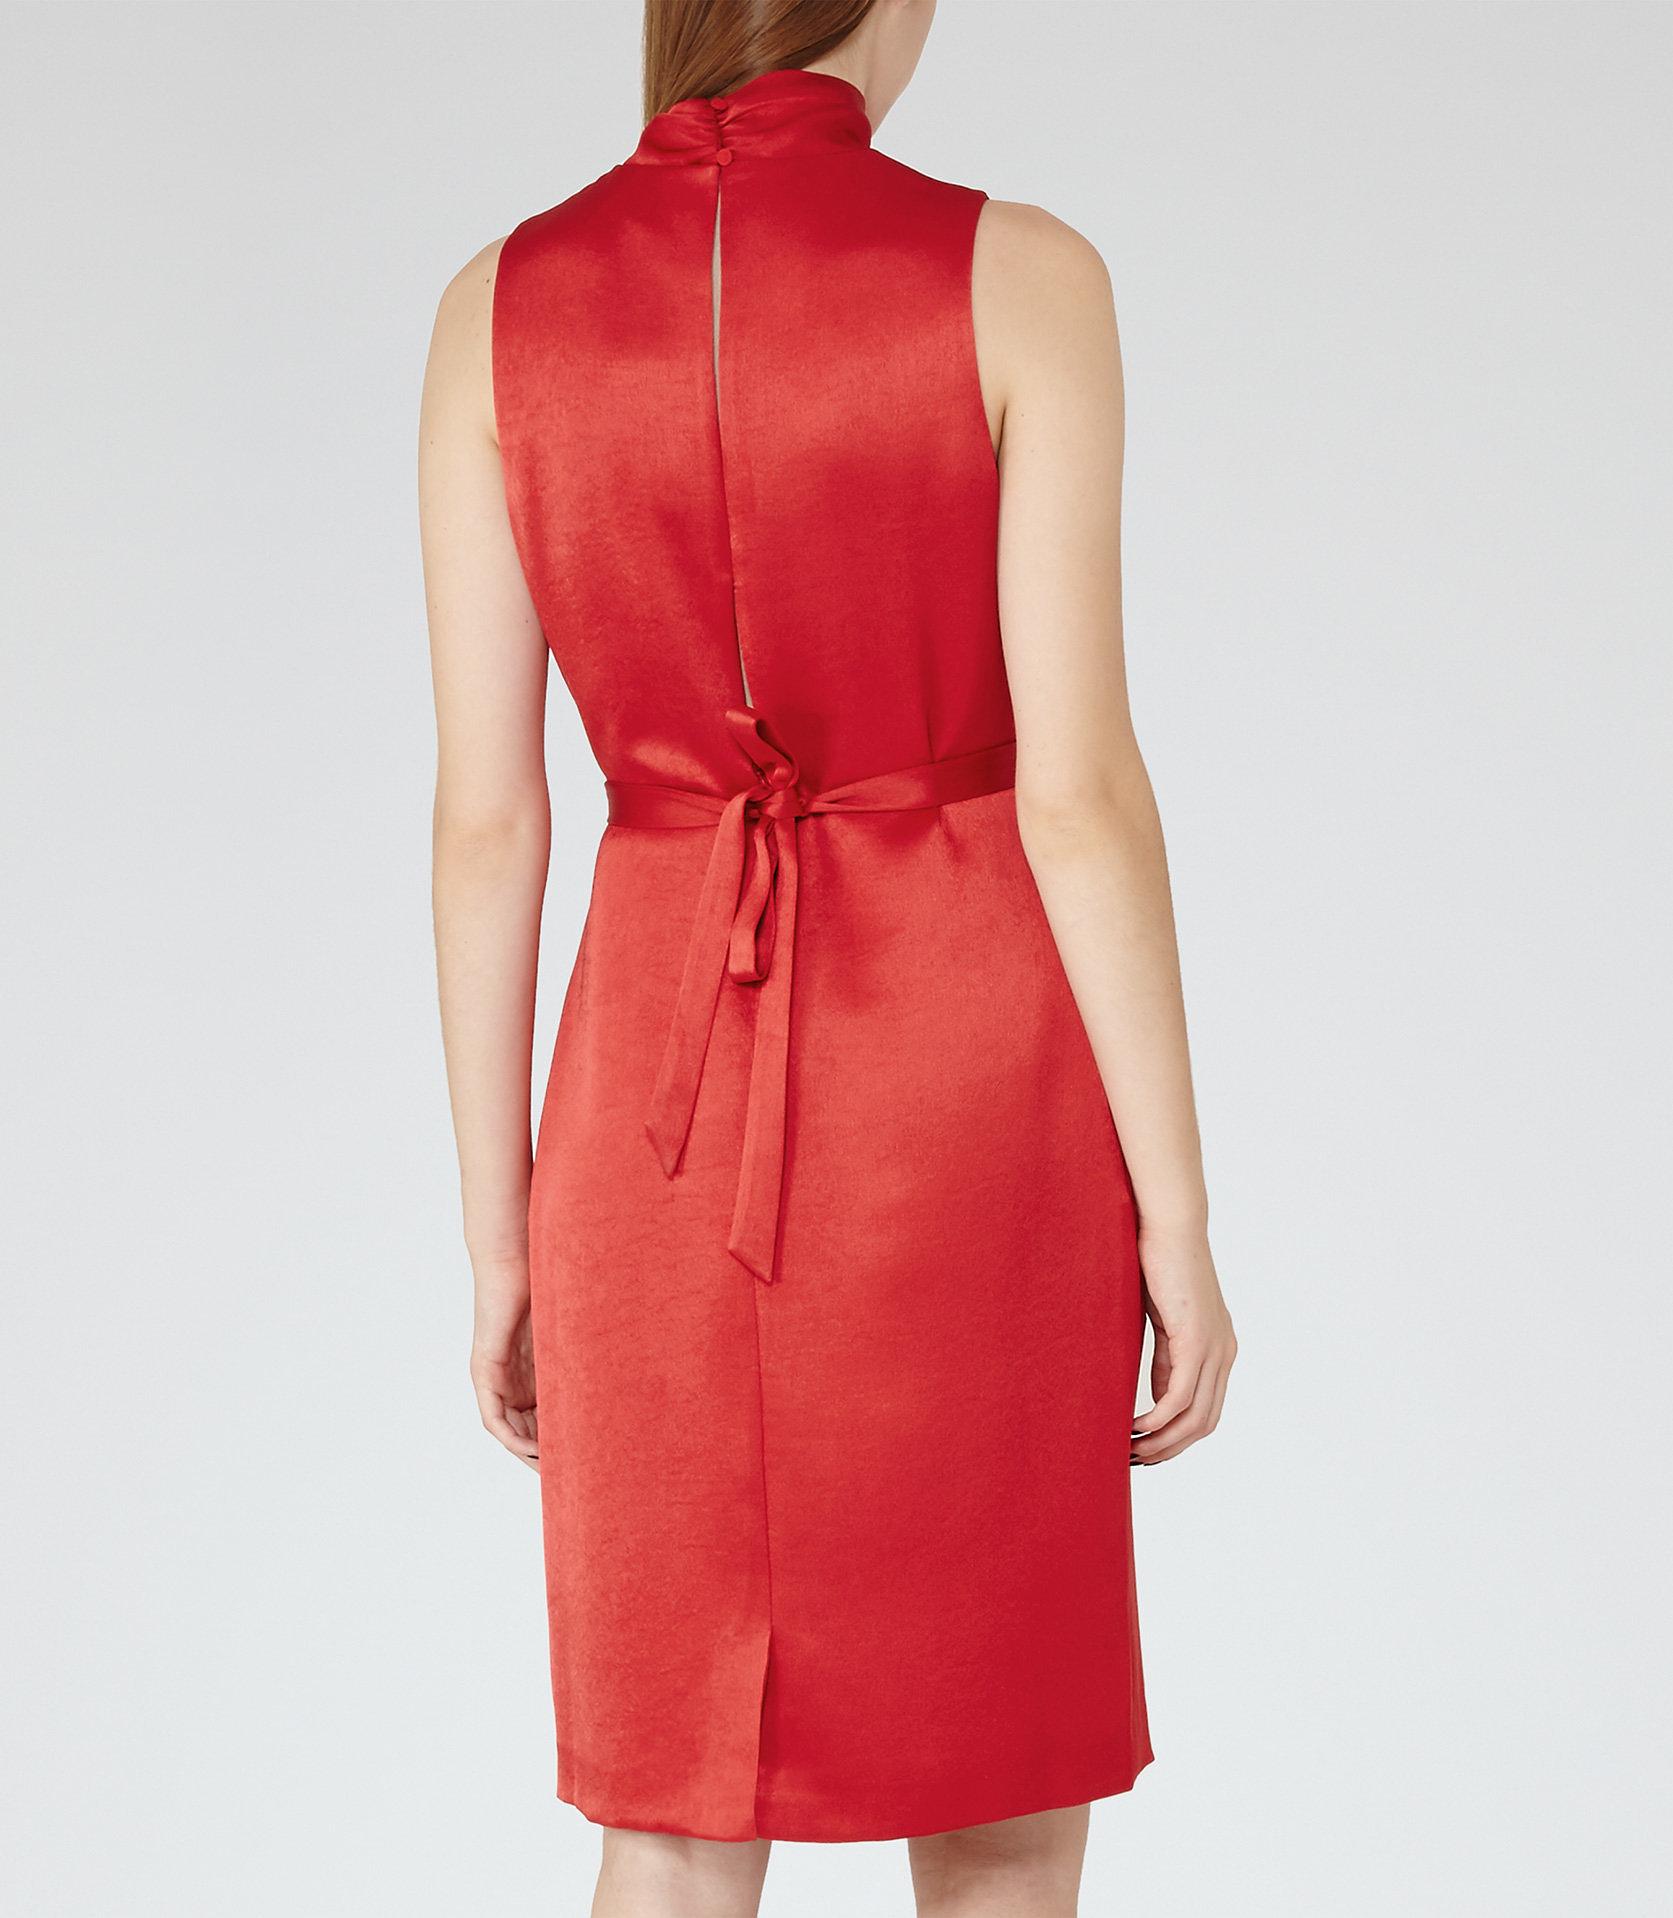 Lola china red dress 3